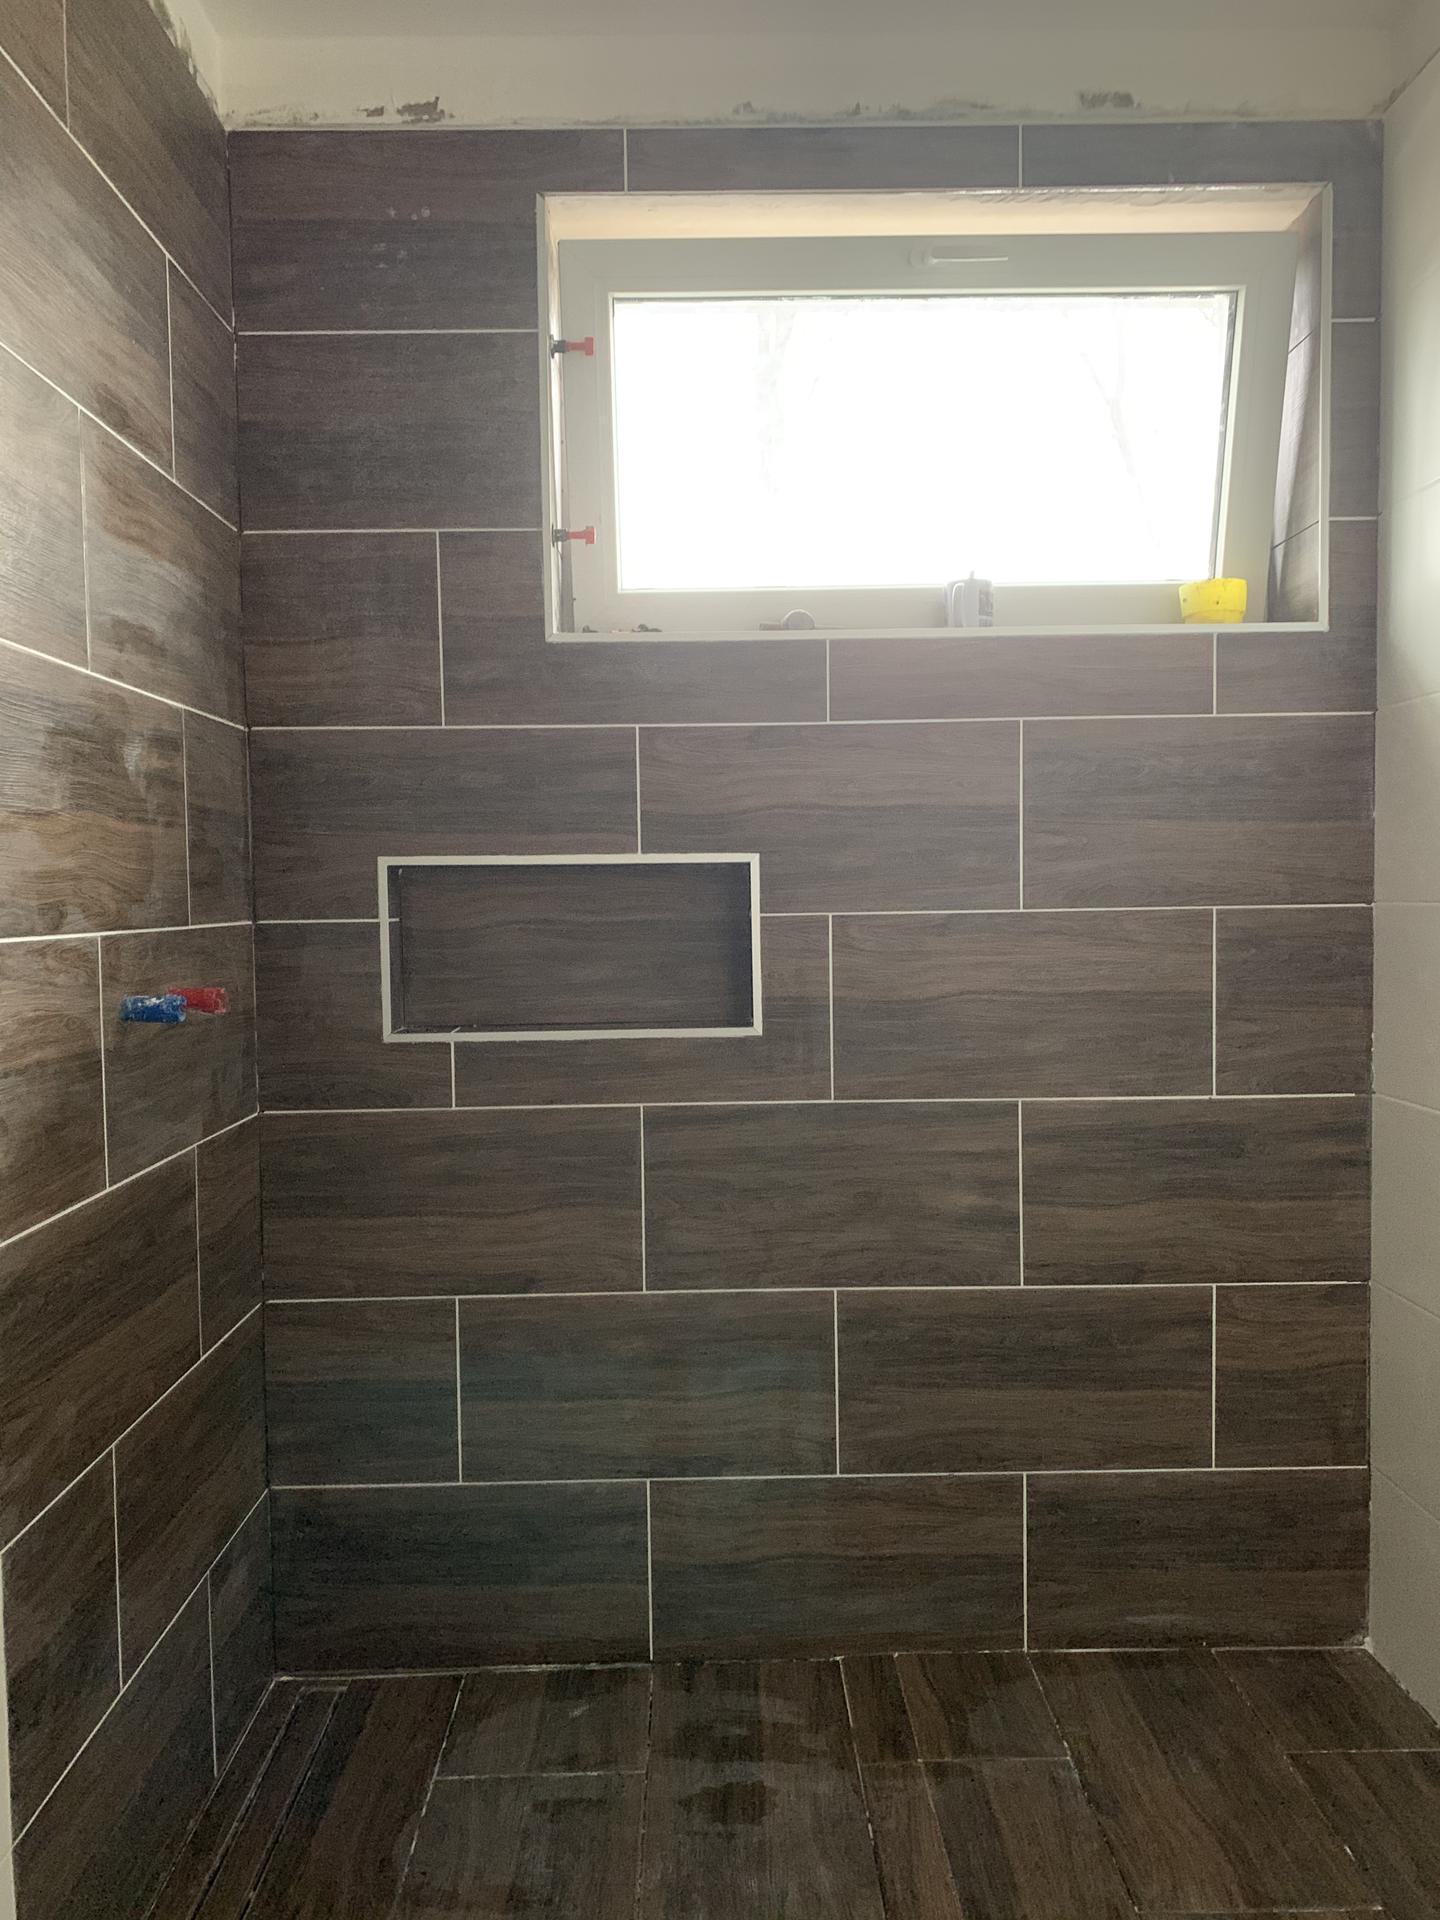 Wc a Koupelna s wc - Obrázek č. 42